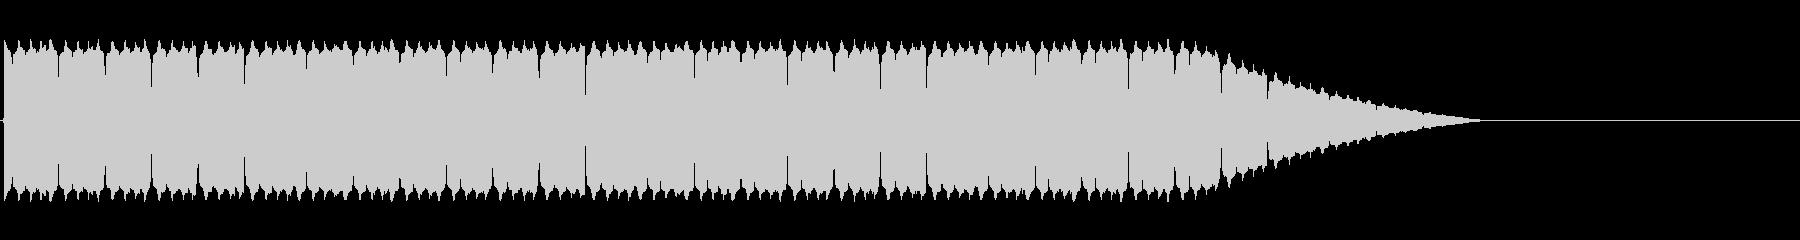 緊急事態に流れるサイレン音の未再生の波形